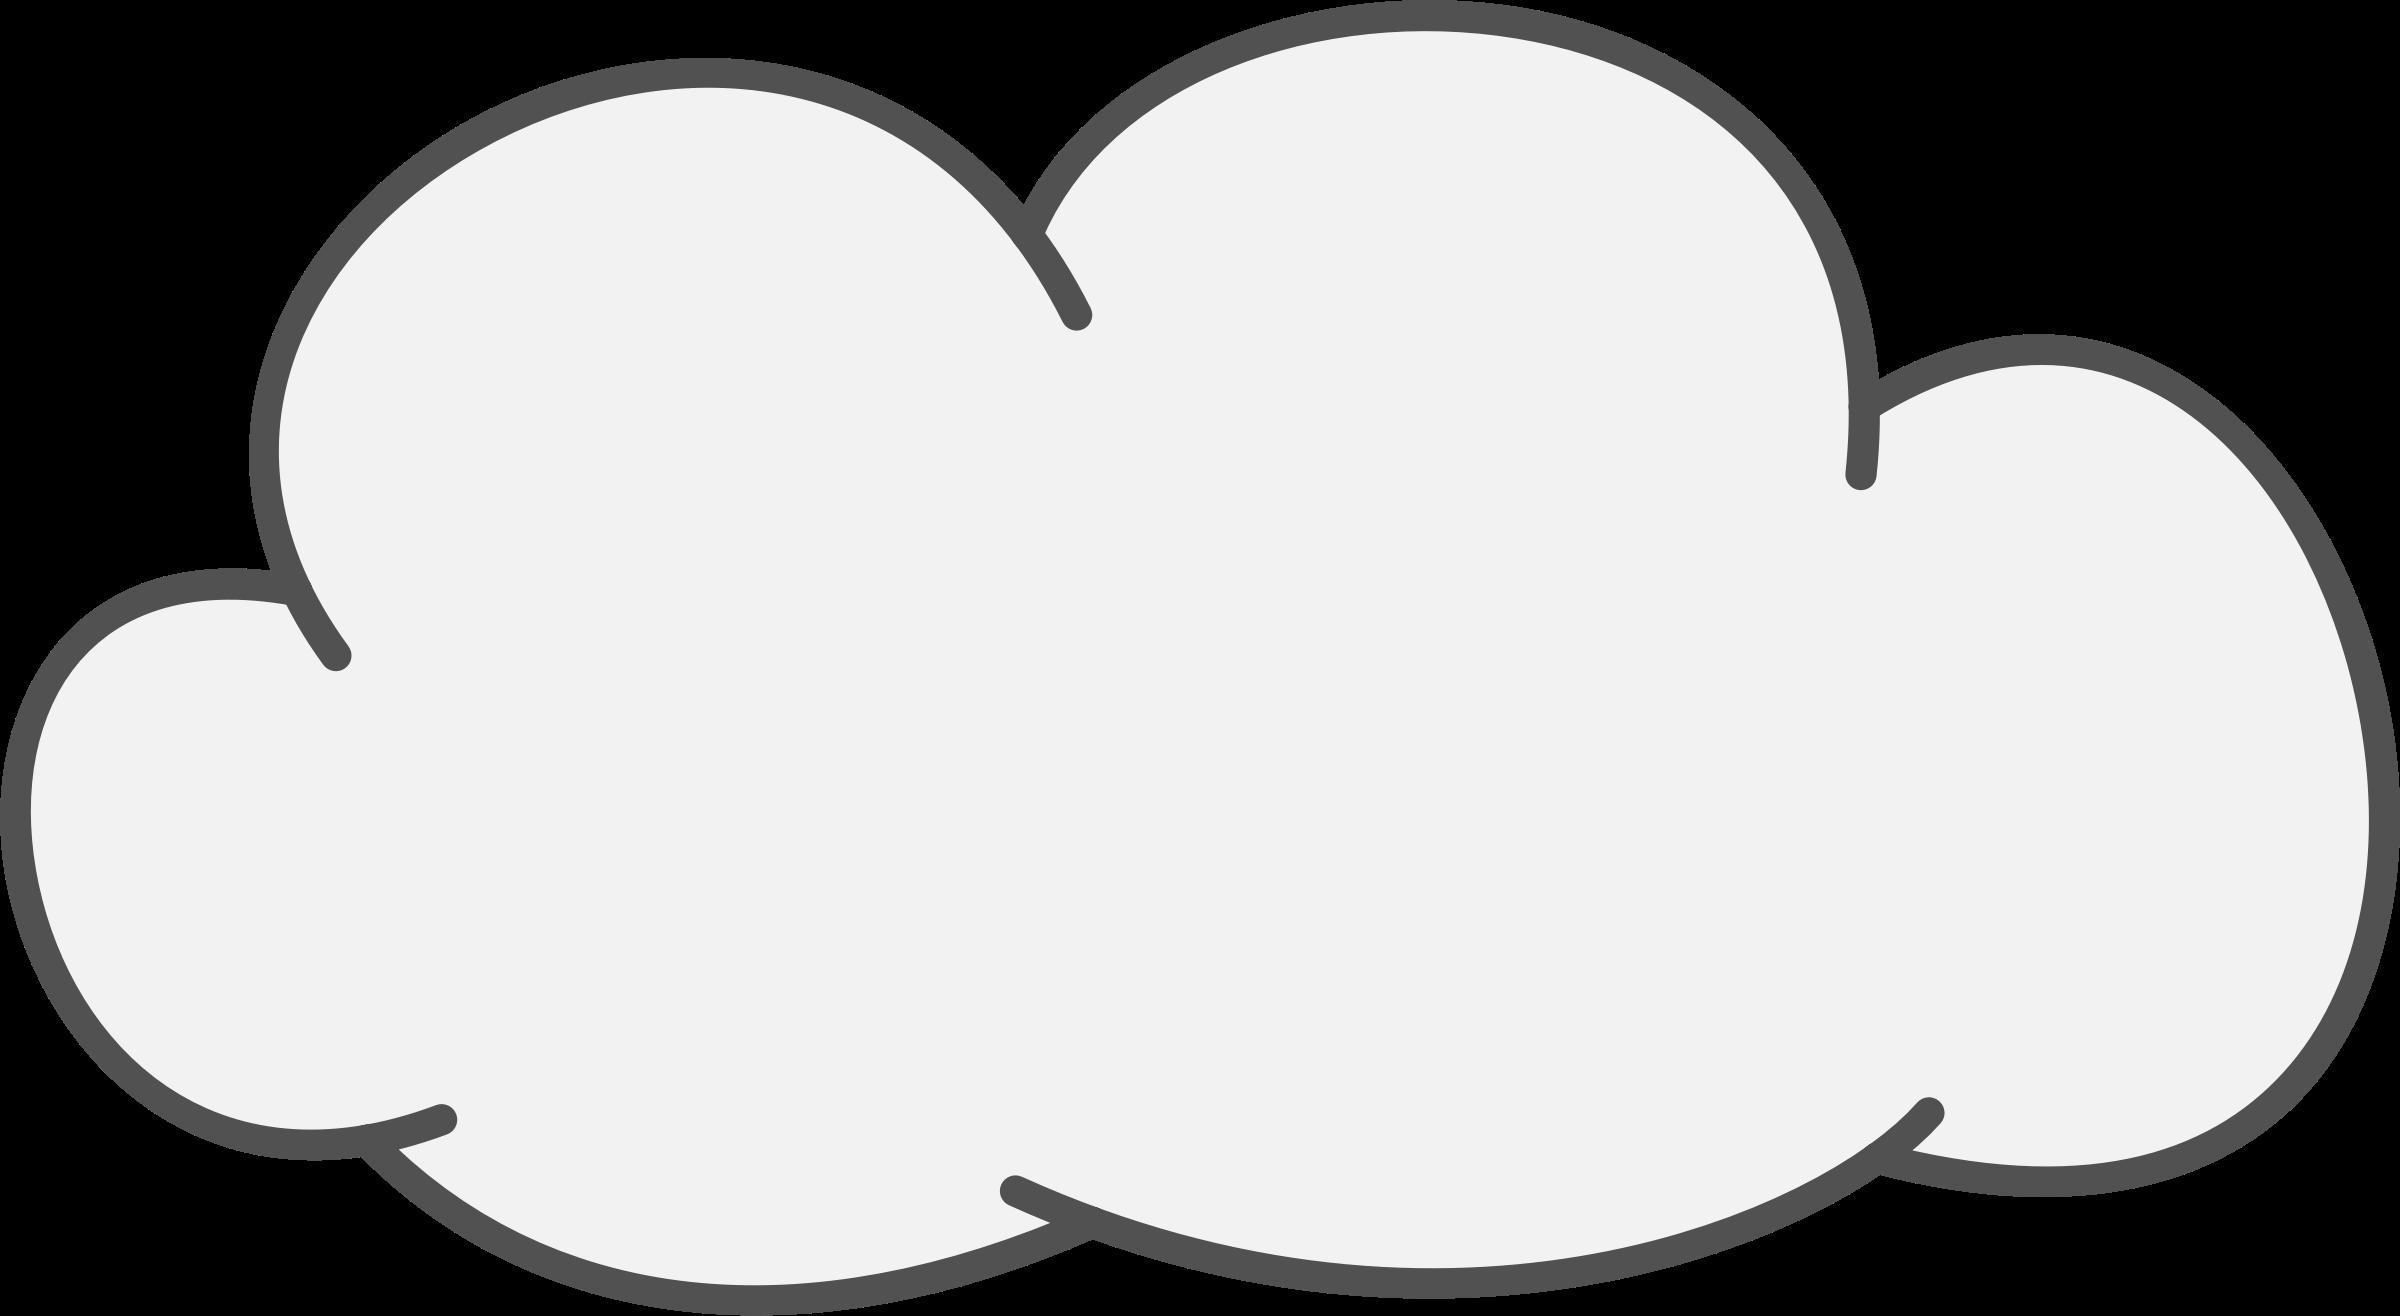 clipart download Panda free images cloudclipart. Cloud clipart.